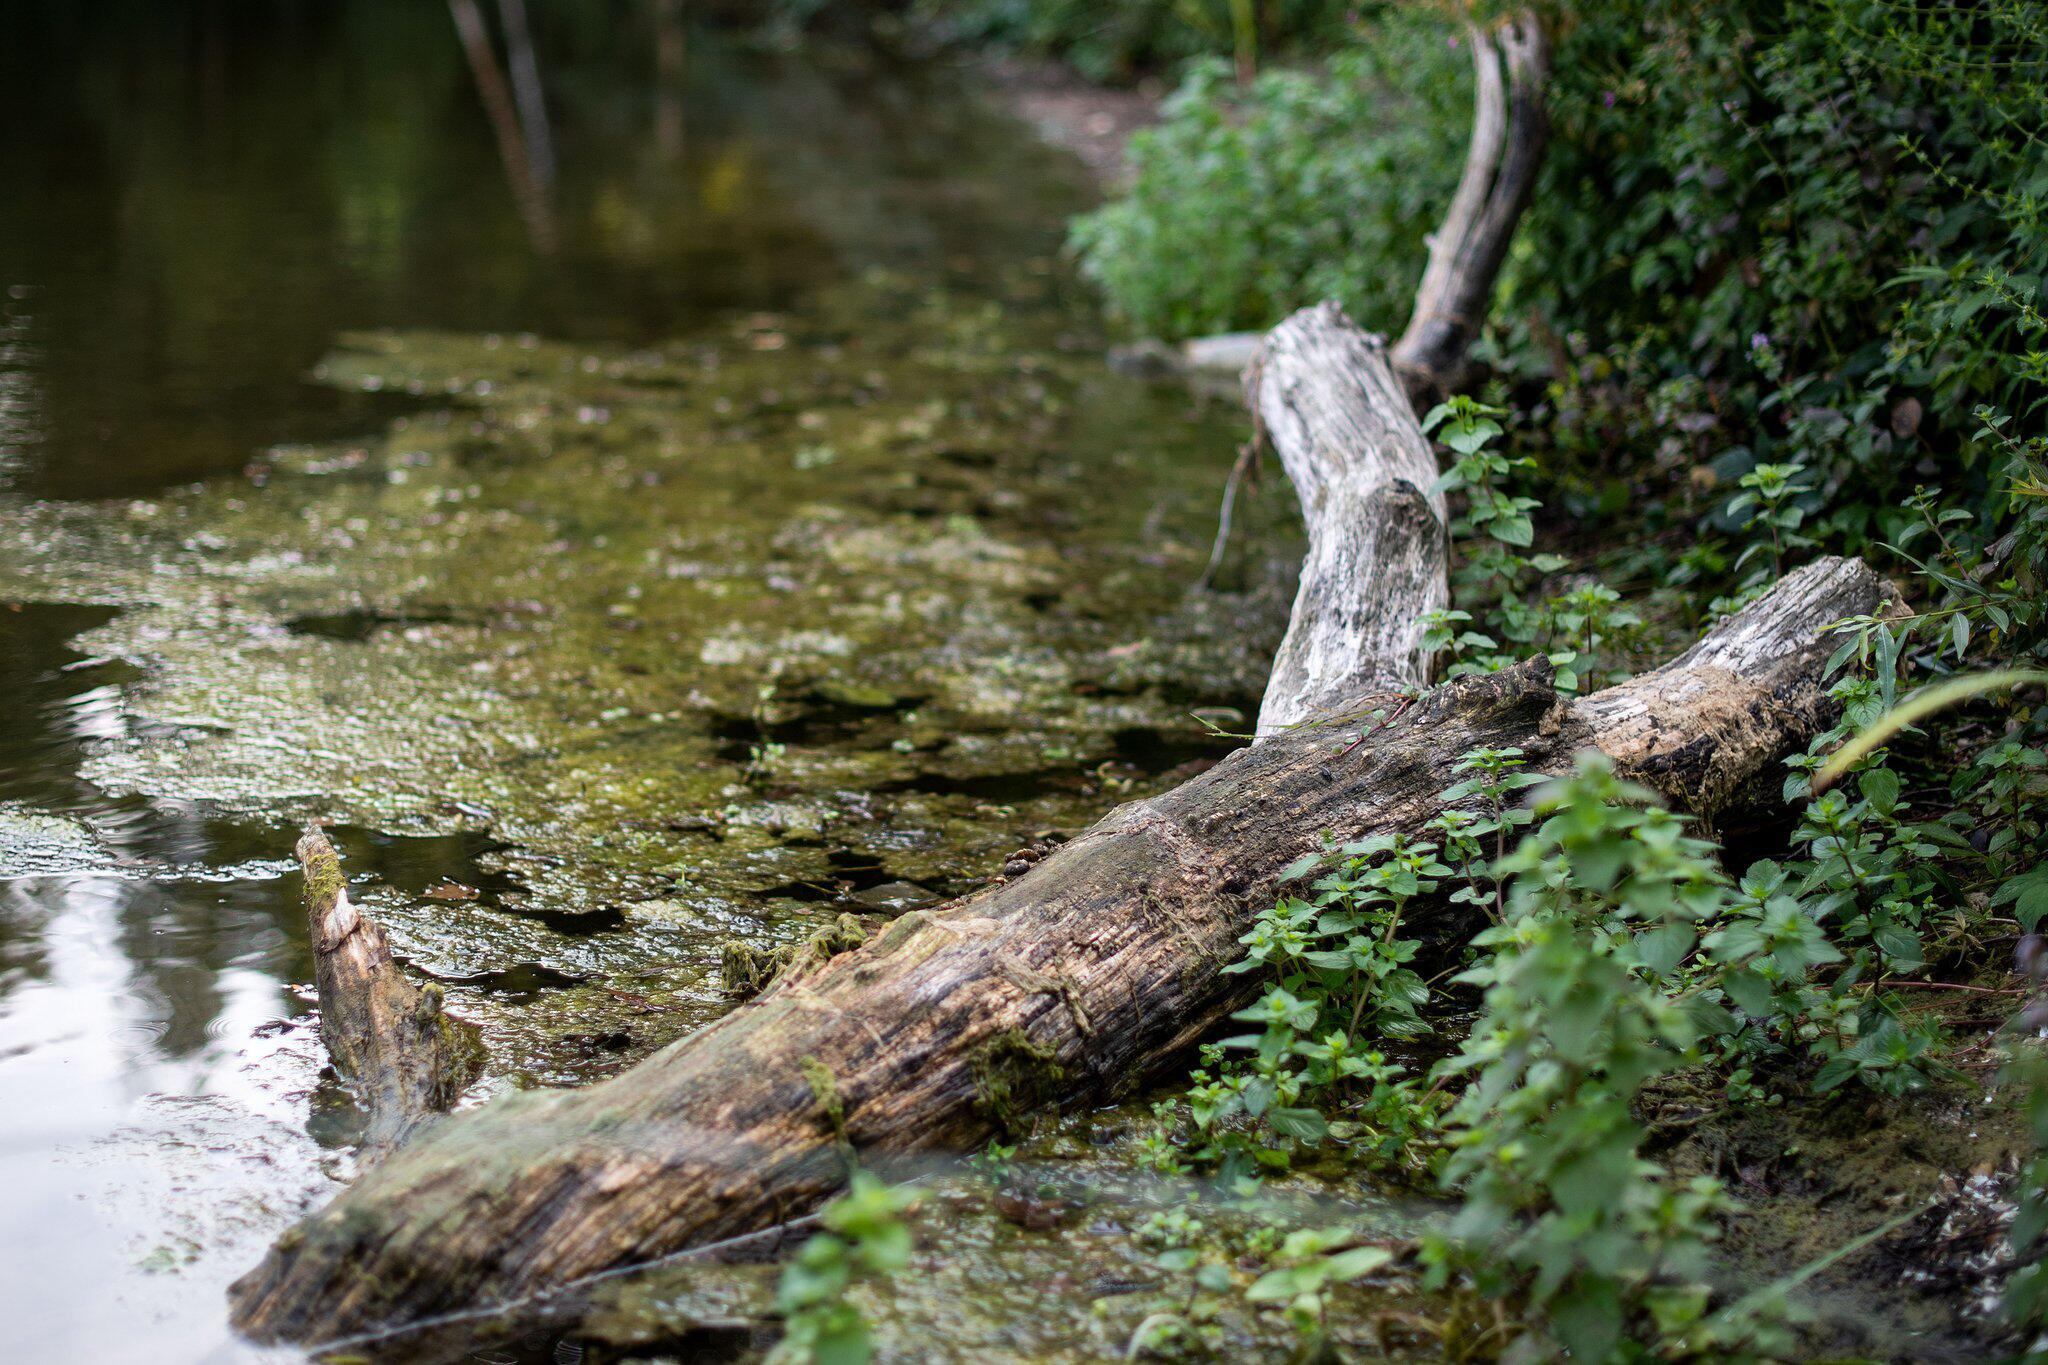 Bild zu Anakonda in See in Meerbusch gesichtet